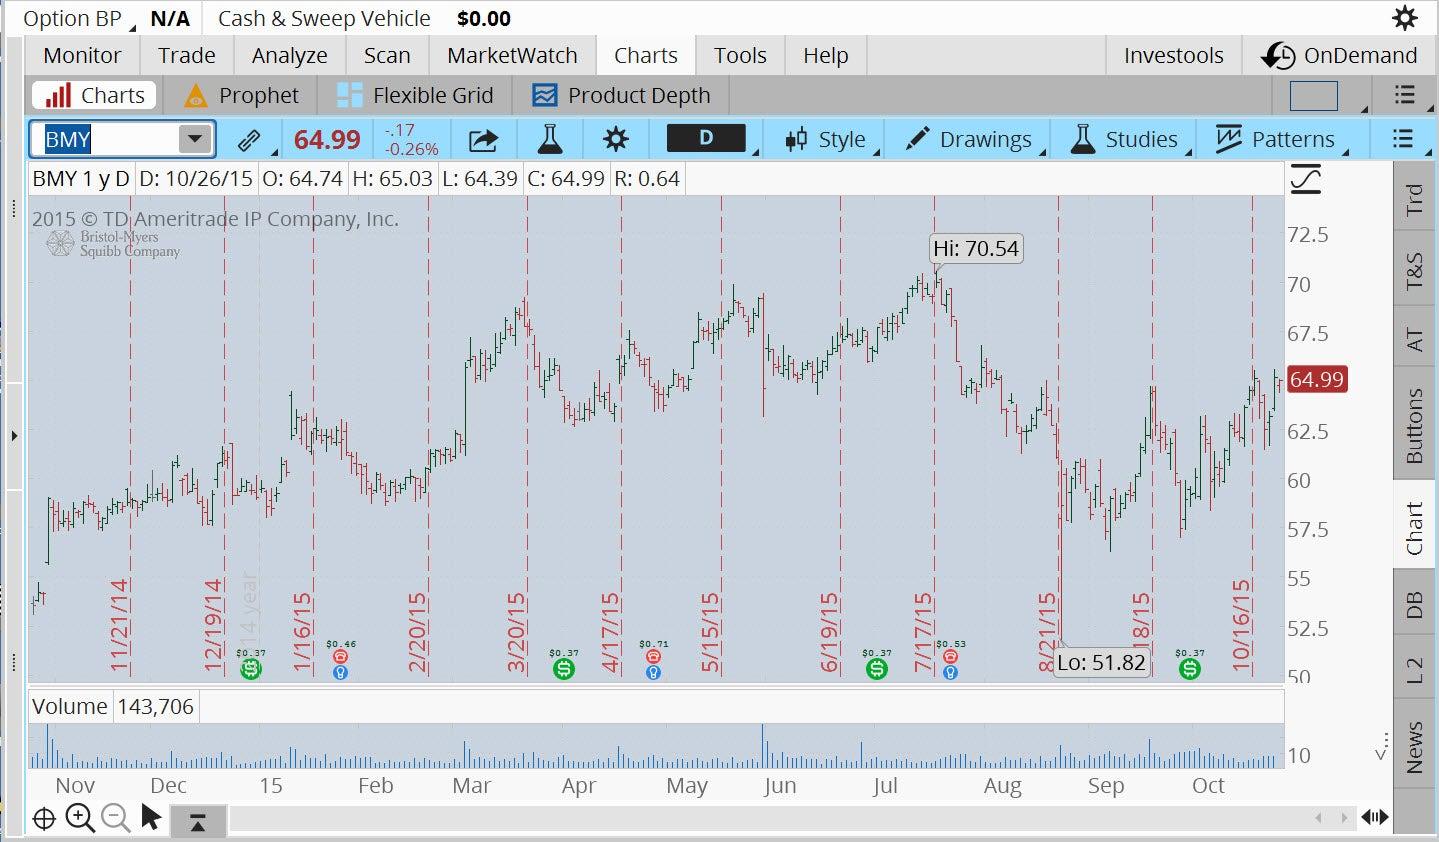 tt15_10_16_f1-bmy-stock-chart_0.jpg